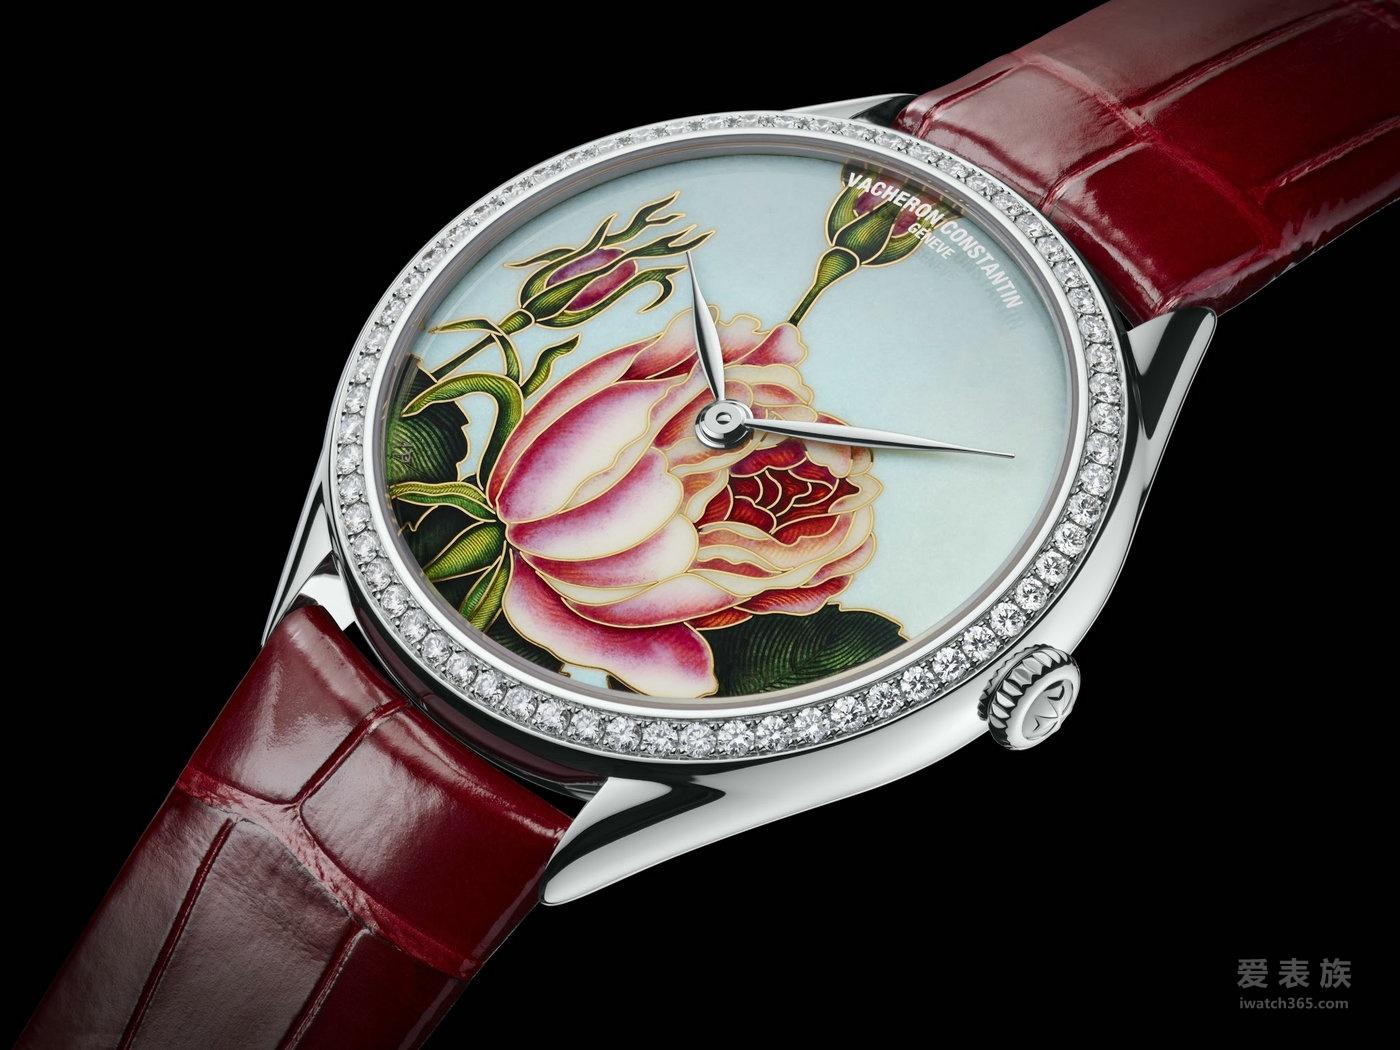 江诗丹顿Métiers d'Art艺术大师系列千叶玫瑰腕表82550/000G-9919